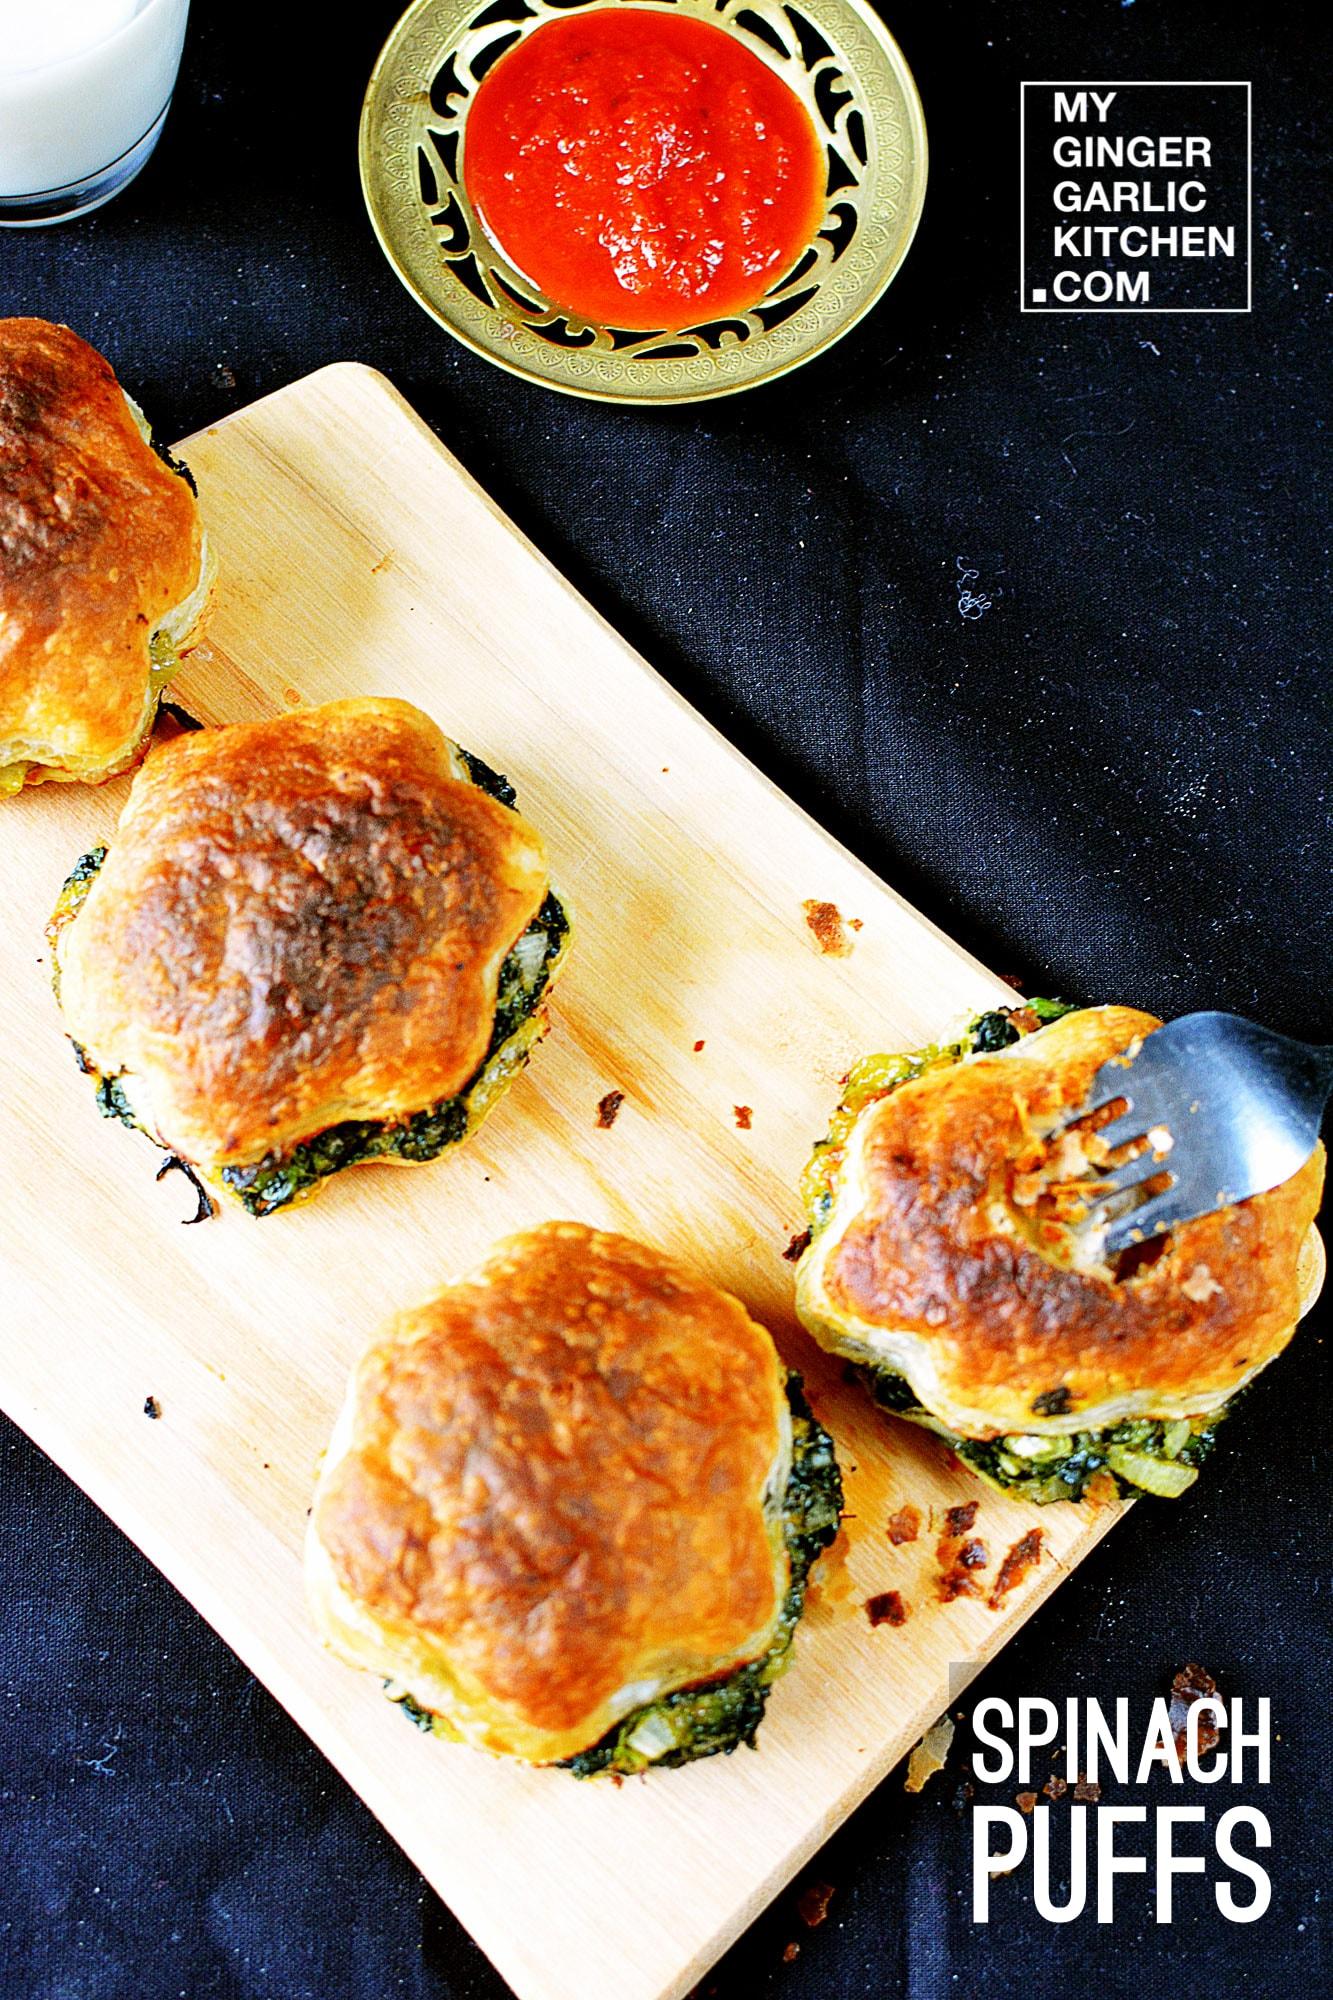 Image - recipe spinach puffs anupama paliwal my ginger garlic kitchen 2 copy